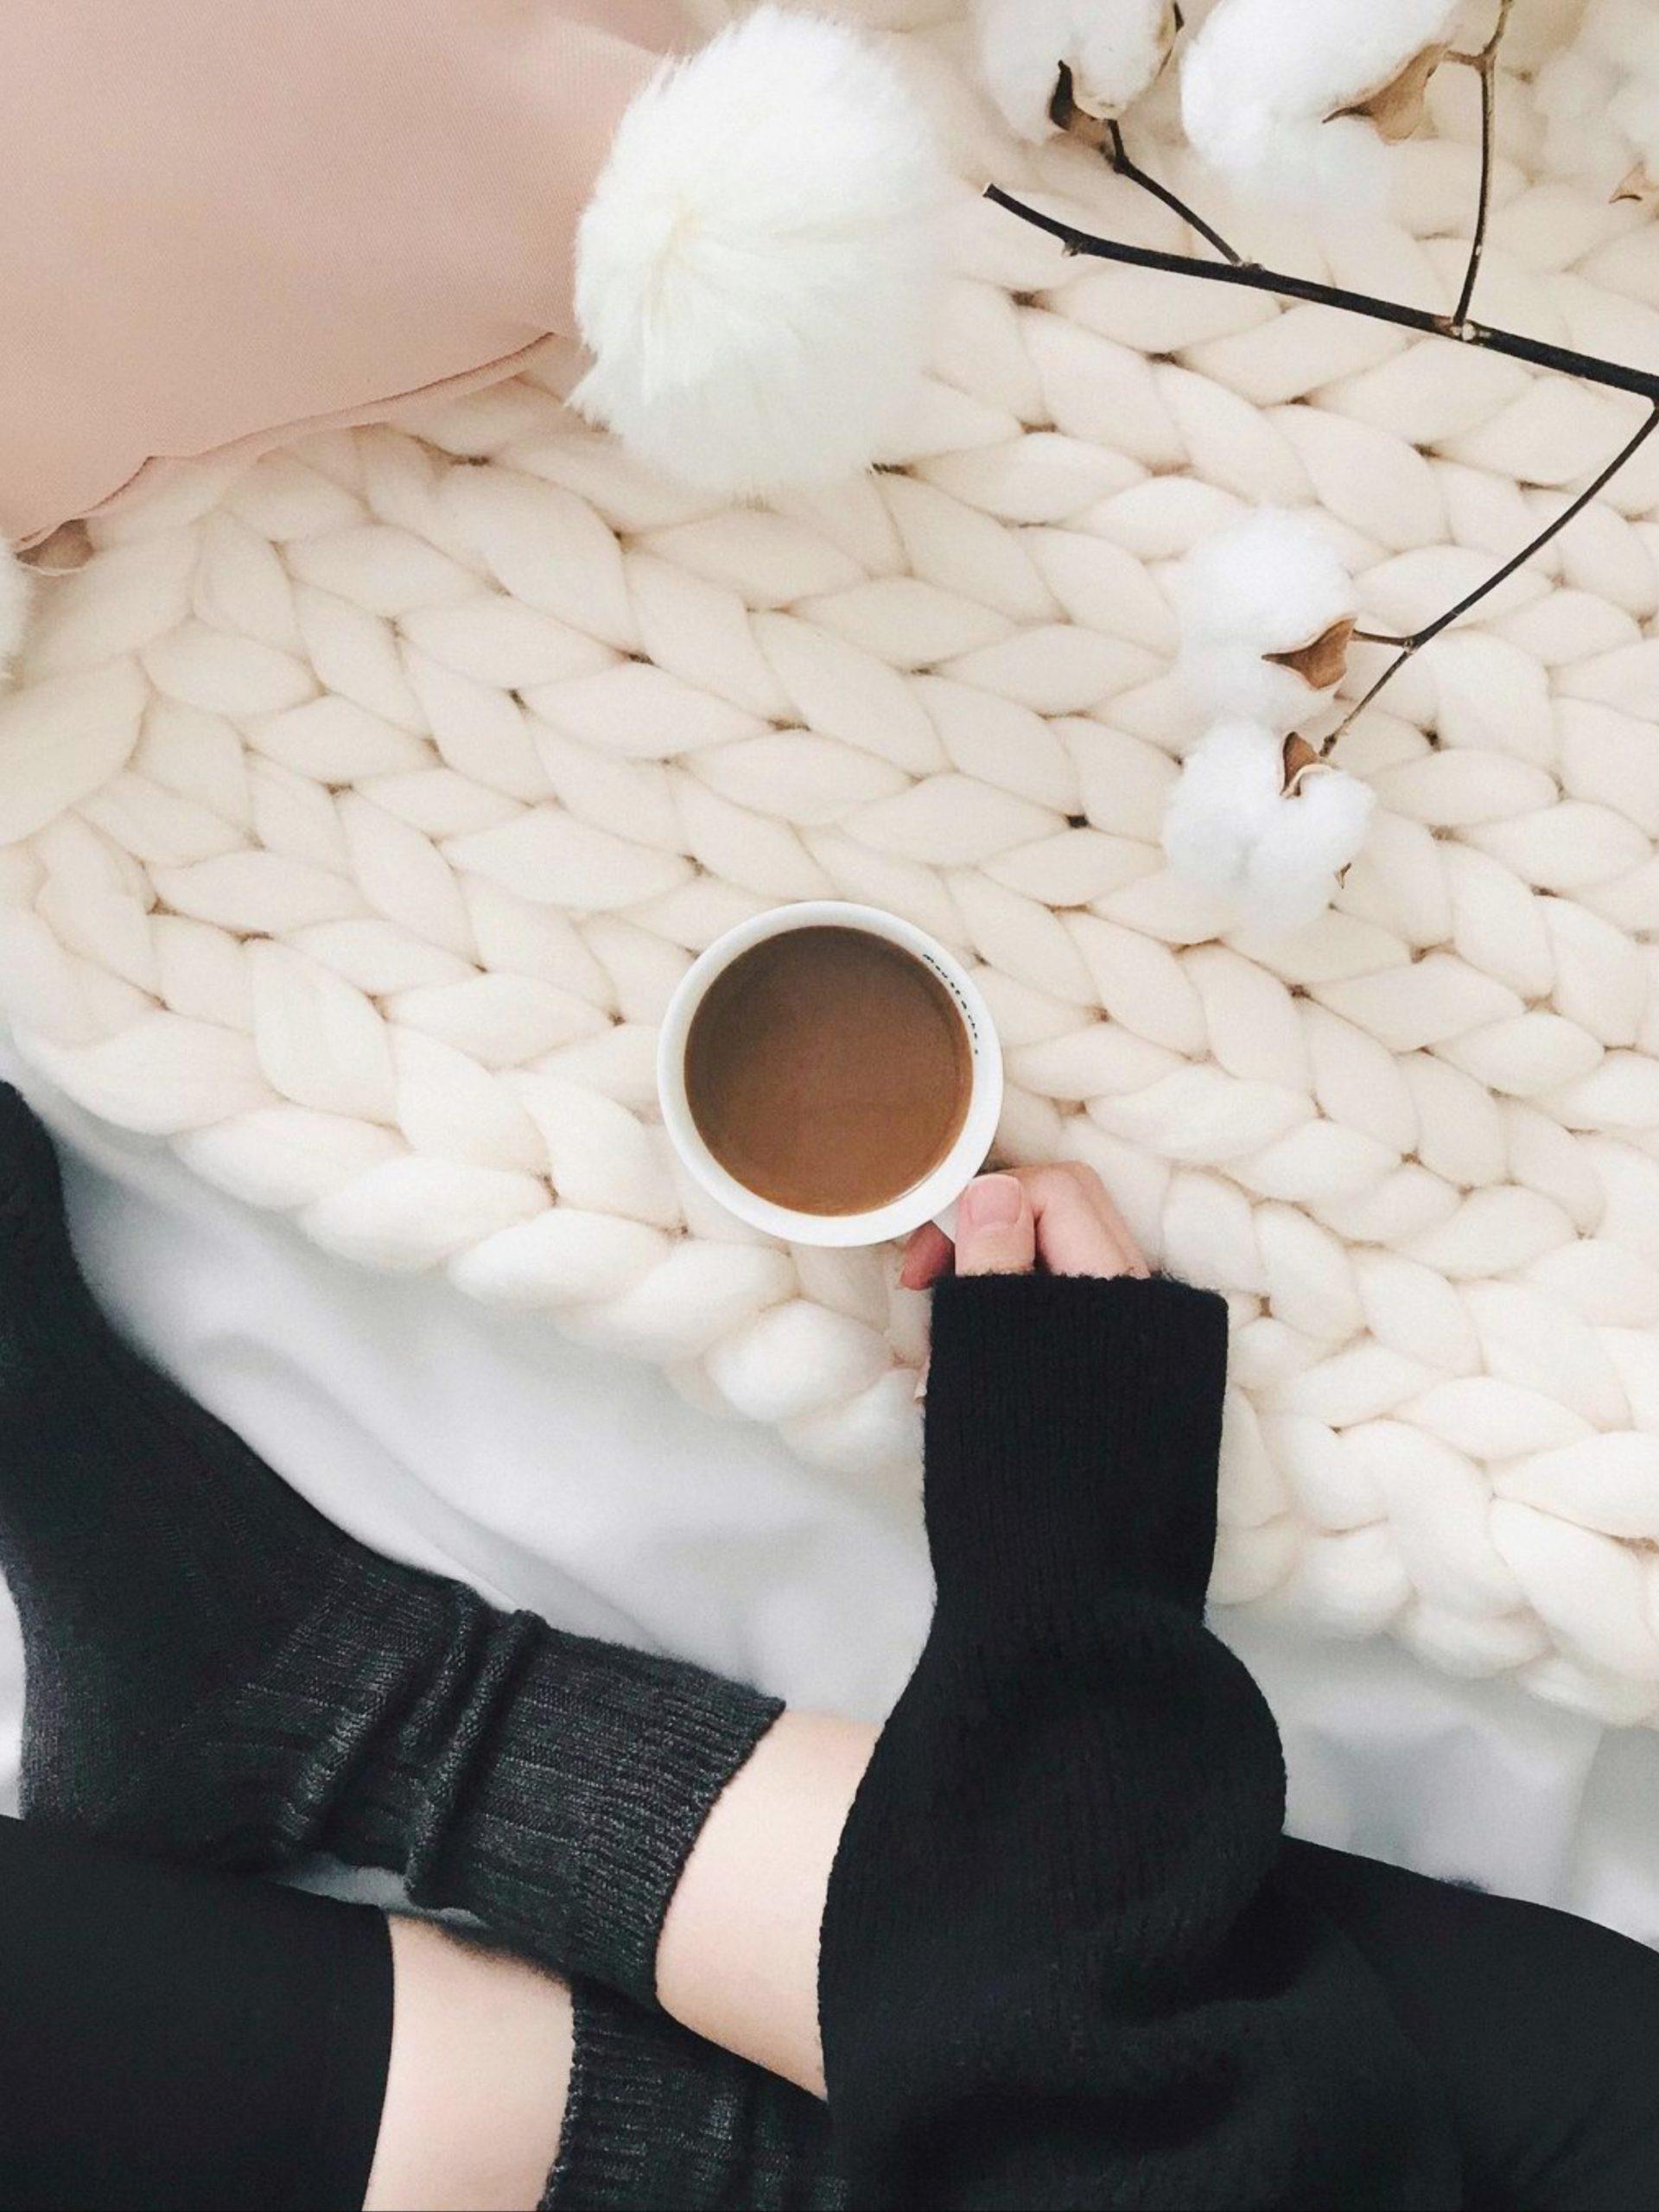 Taking tea